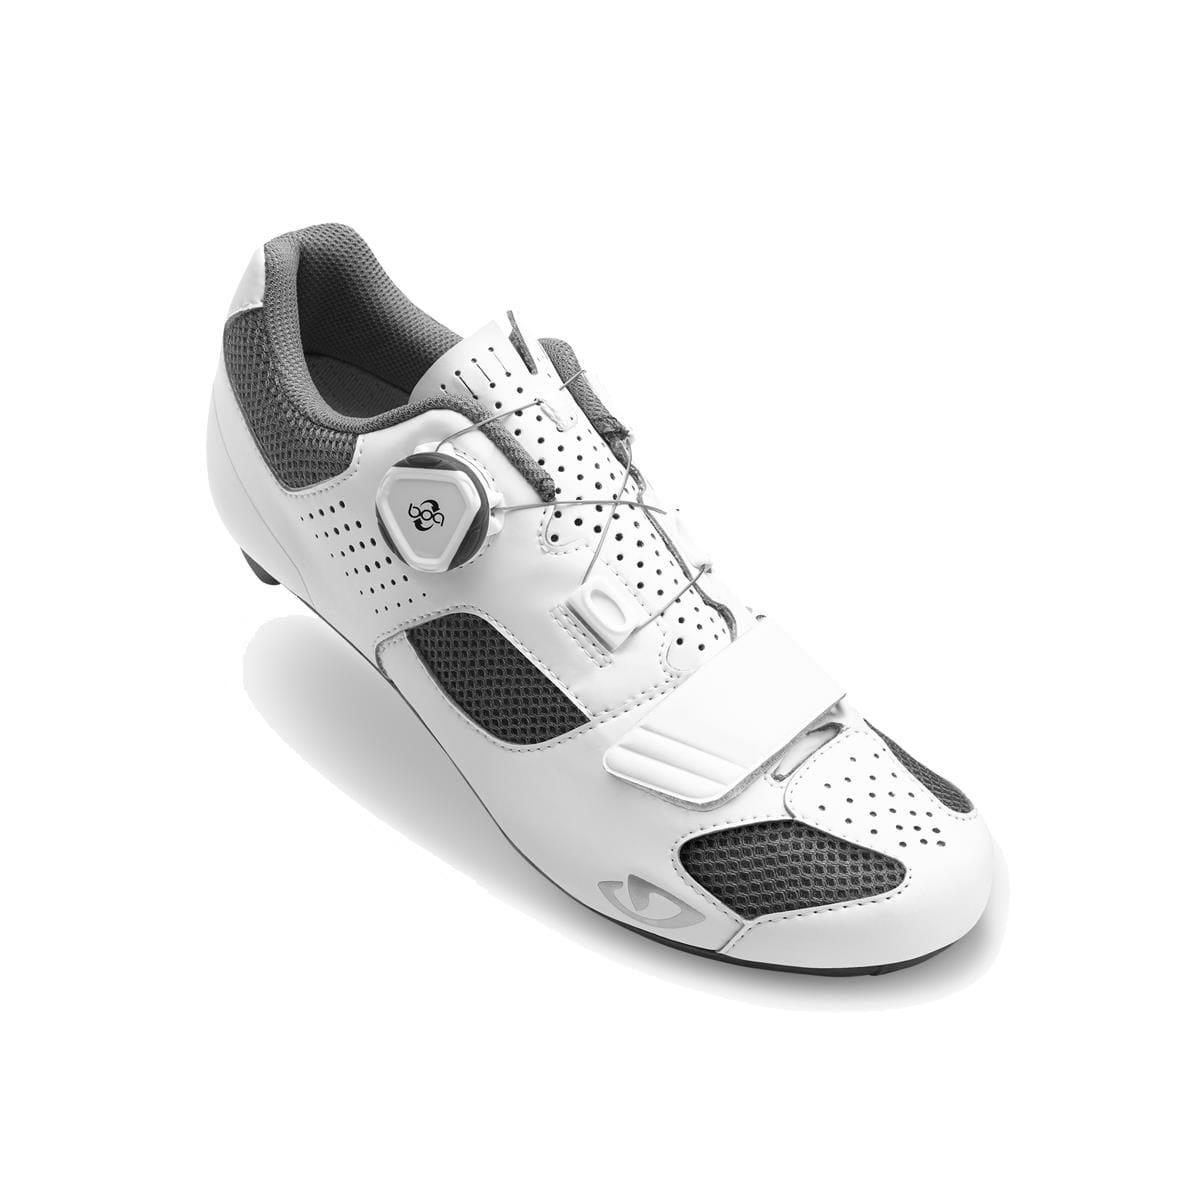 Espada (BOA) Women's Road Cycling Shoes